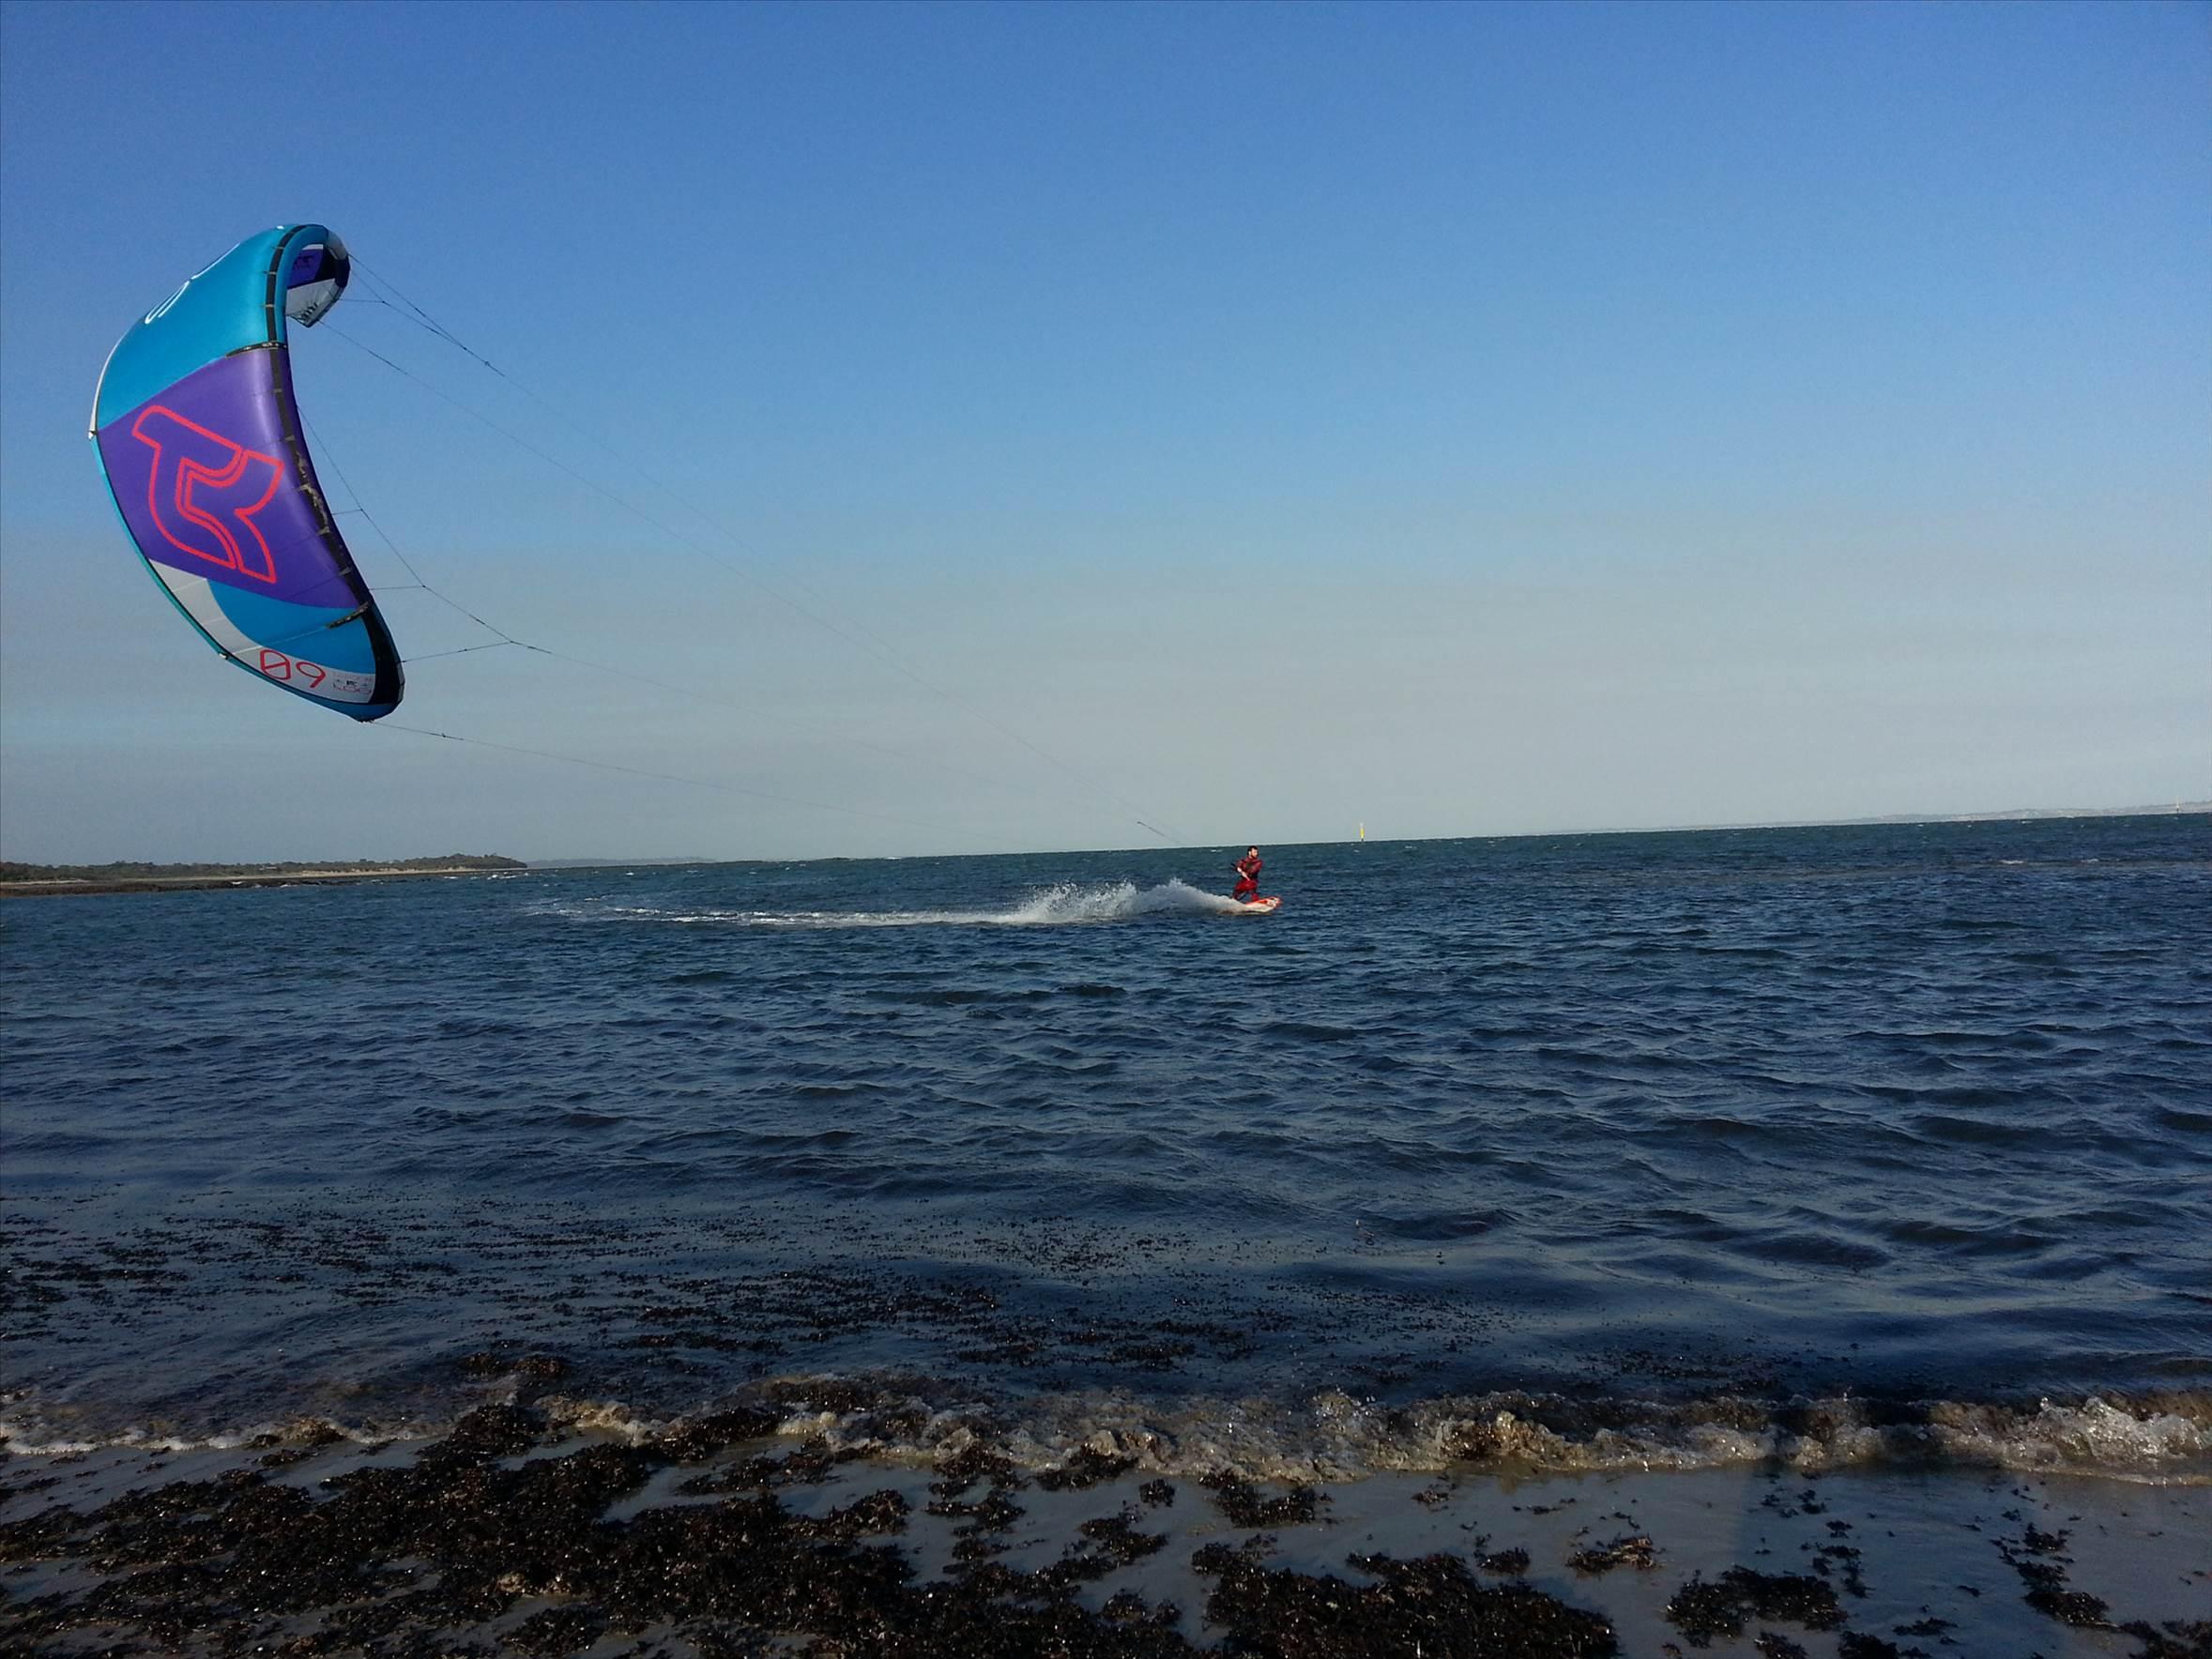 кайтсерфинг, кейт, ветер, волна спорт. доска